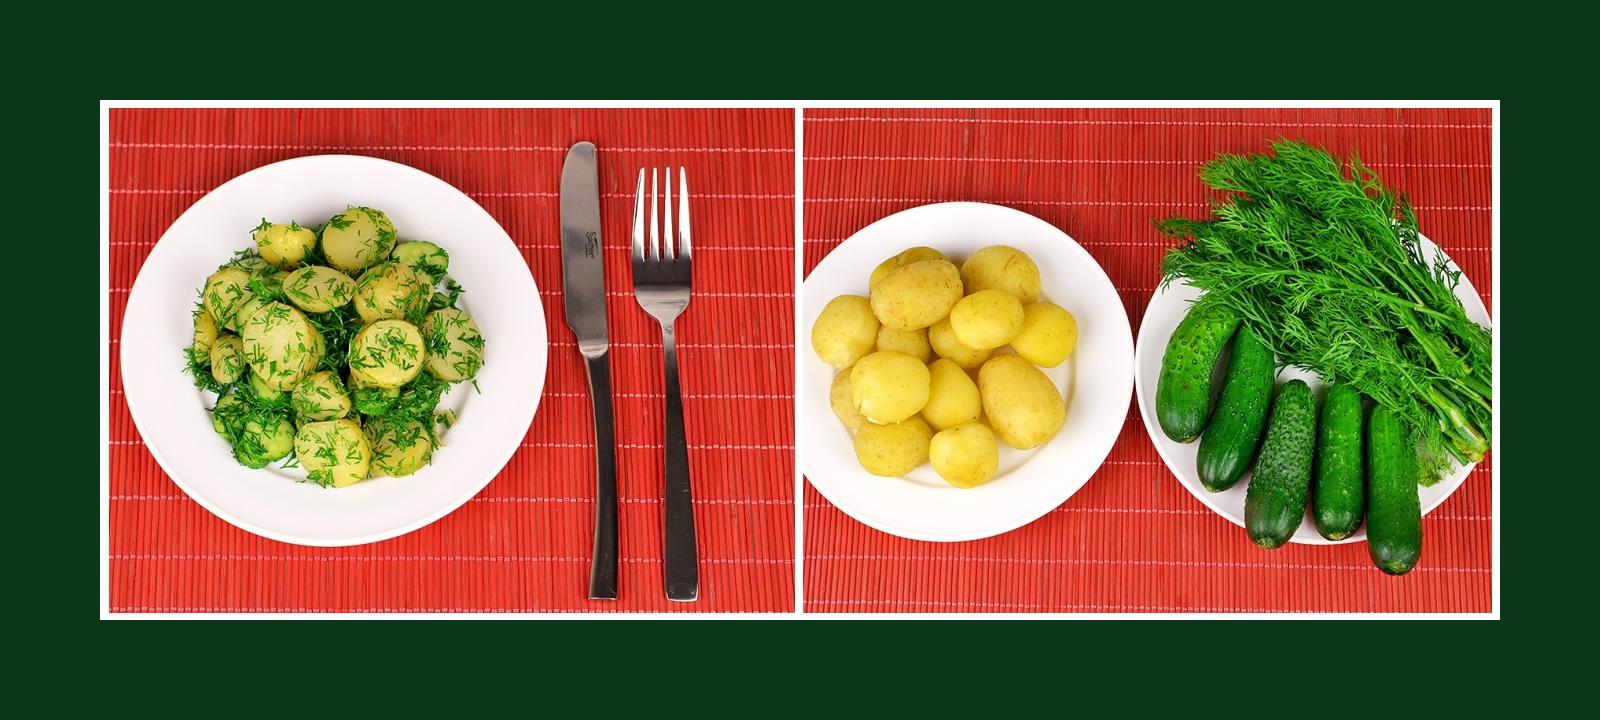 Einfacher Salat oder originelle Beilage aus Frühkartoffeln, Gurken und Kräutern